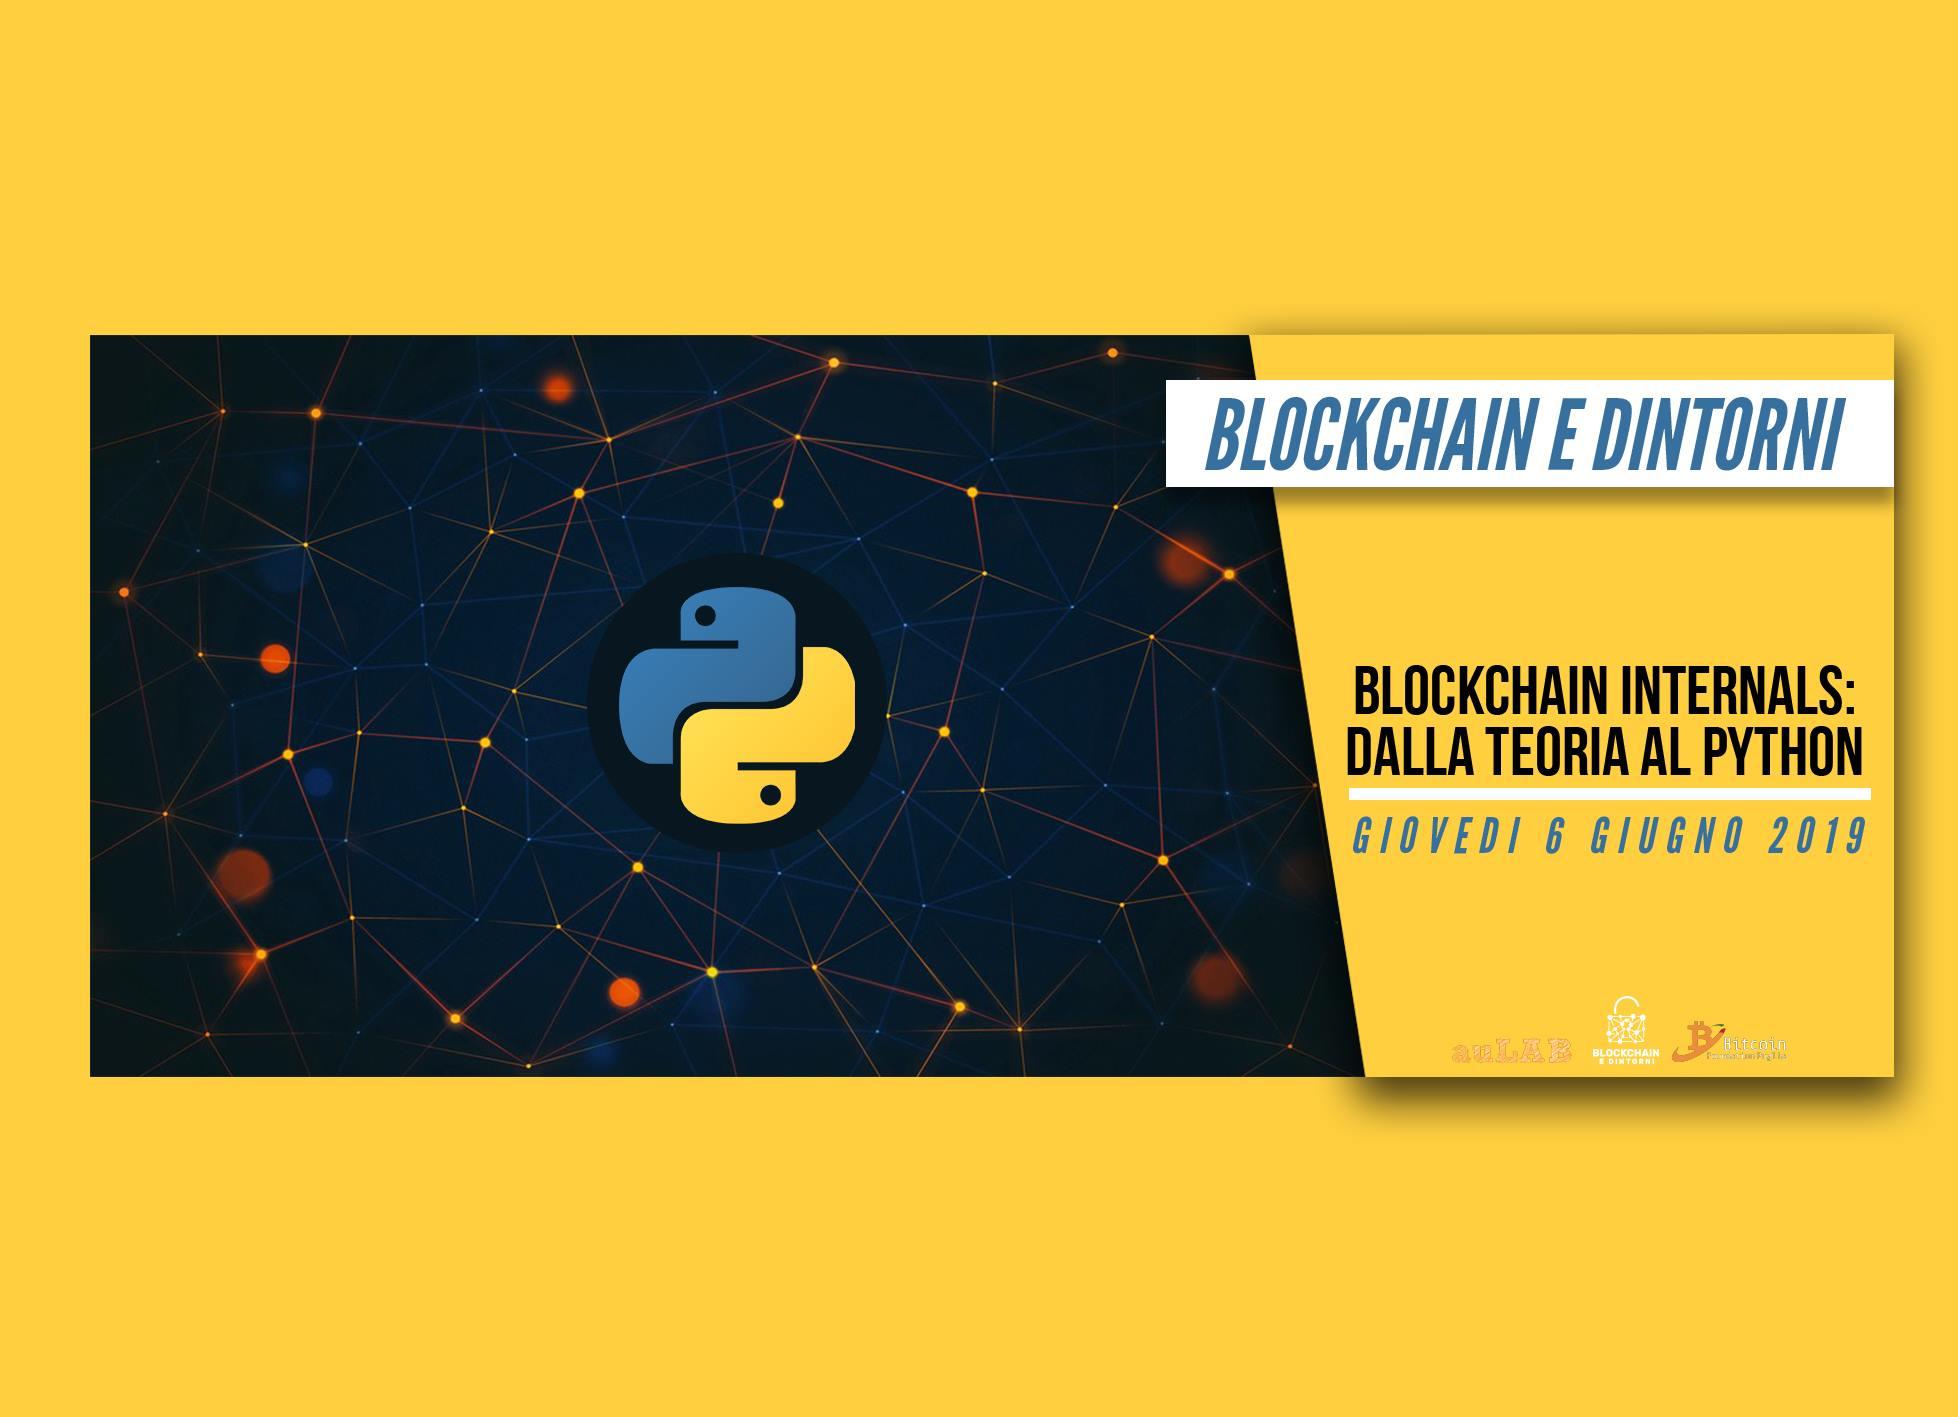 Blockchain Internals dalla teoria al Phyton